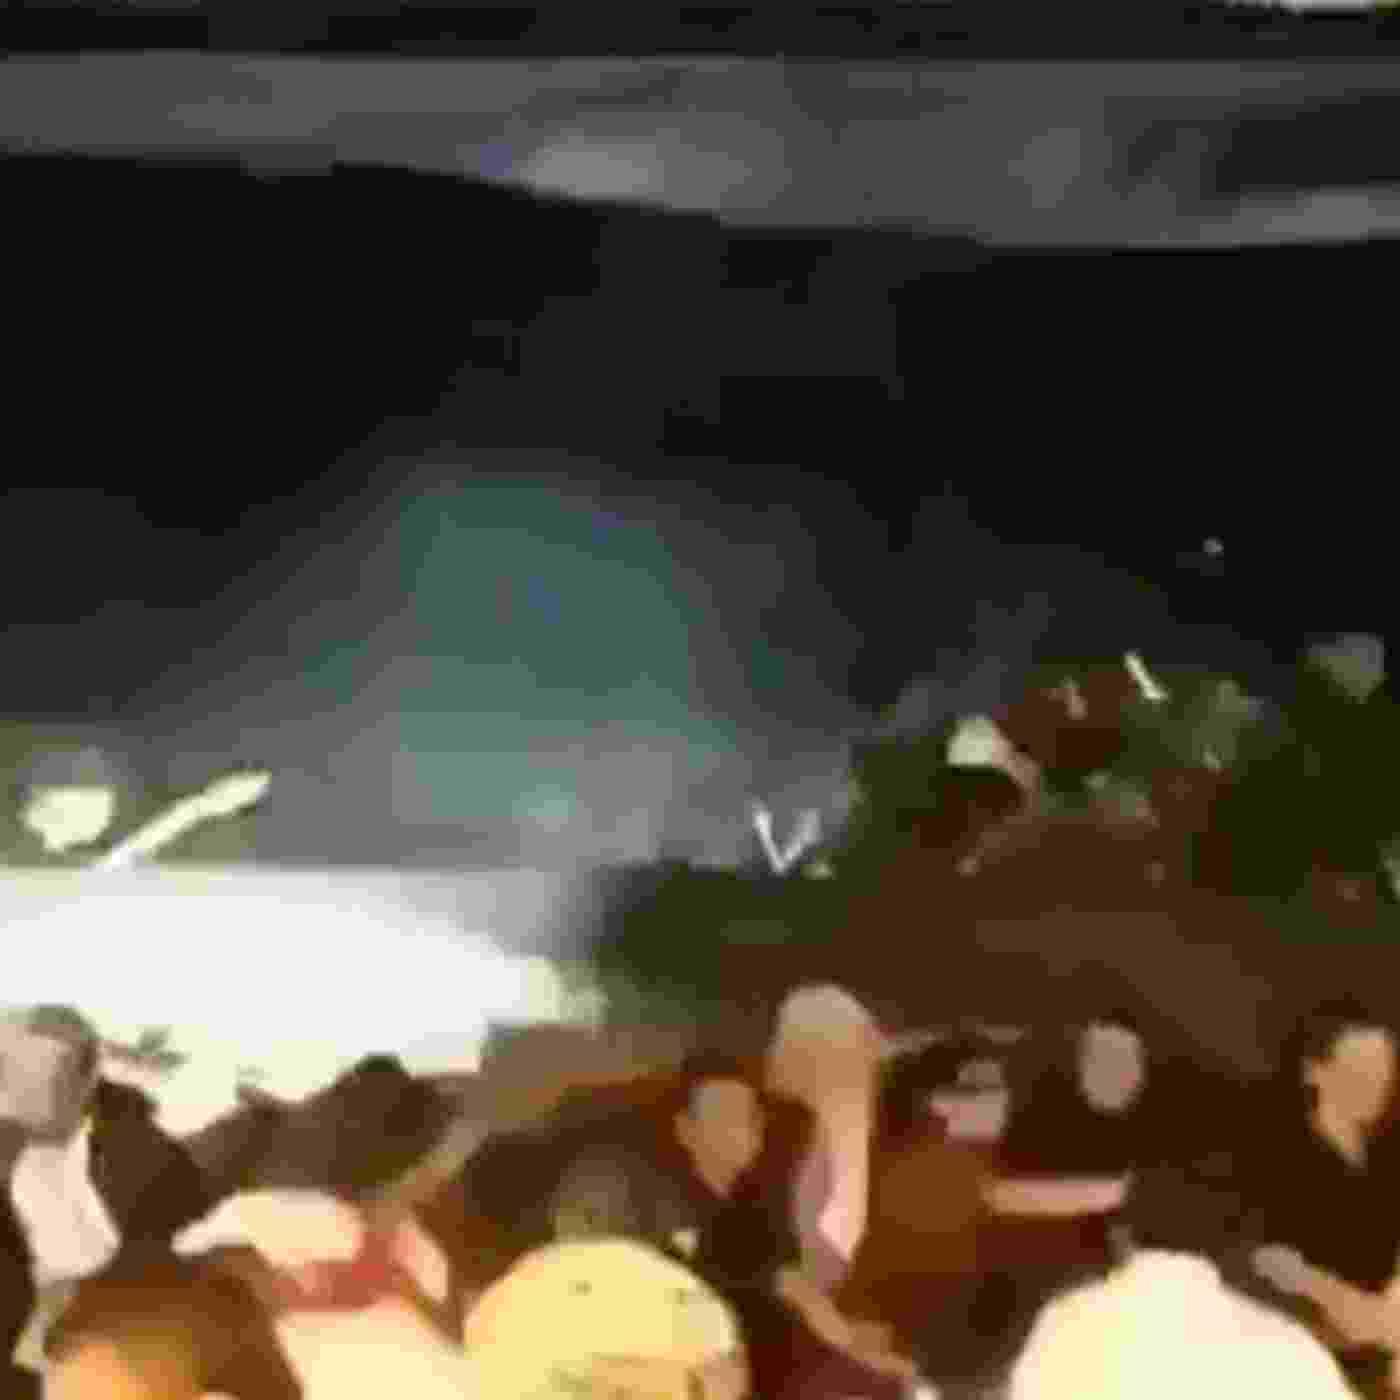 23.dez.2018 - Membros da banda Seventeen morreram em tsunami - Reprodução/Twitter